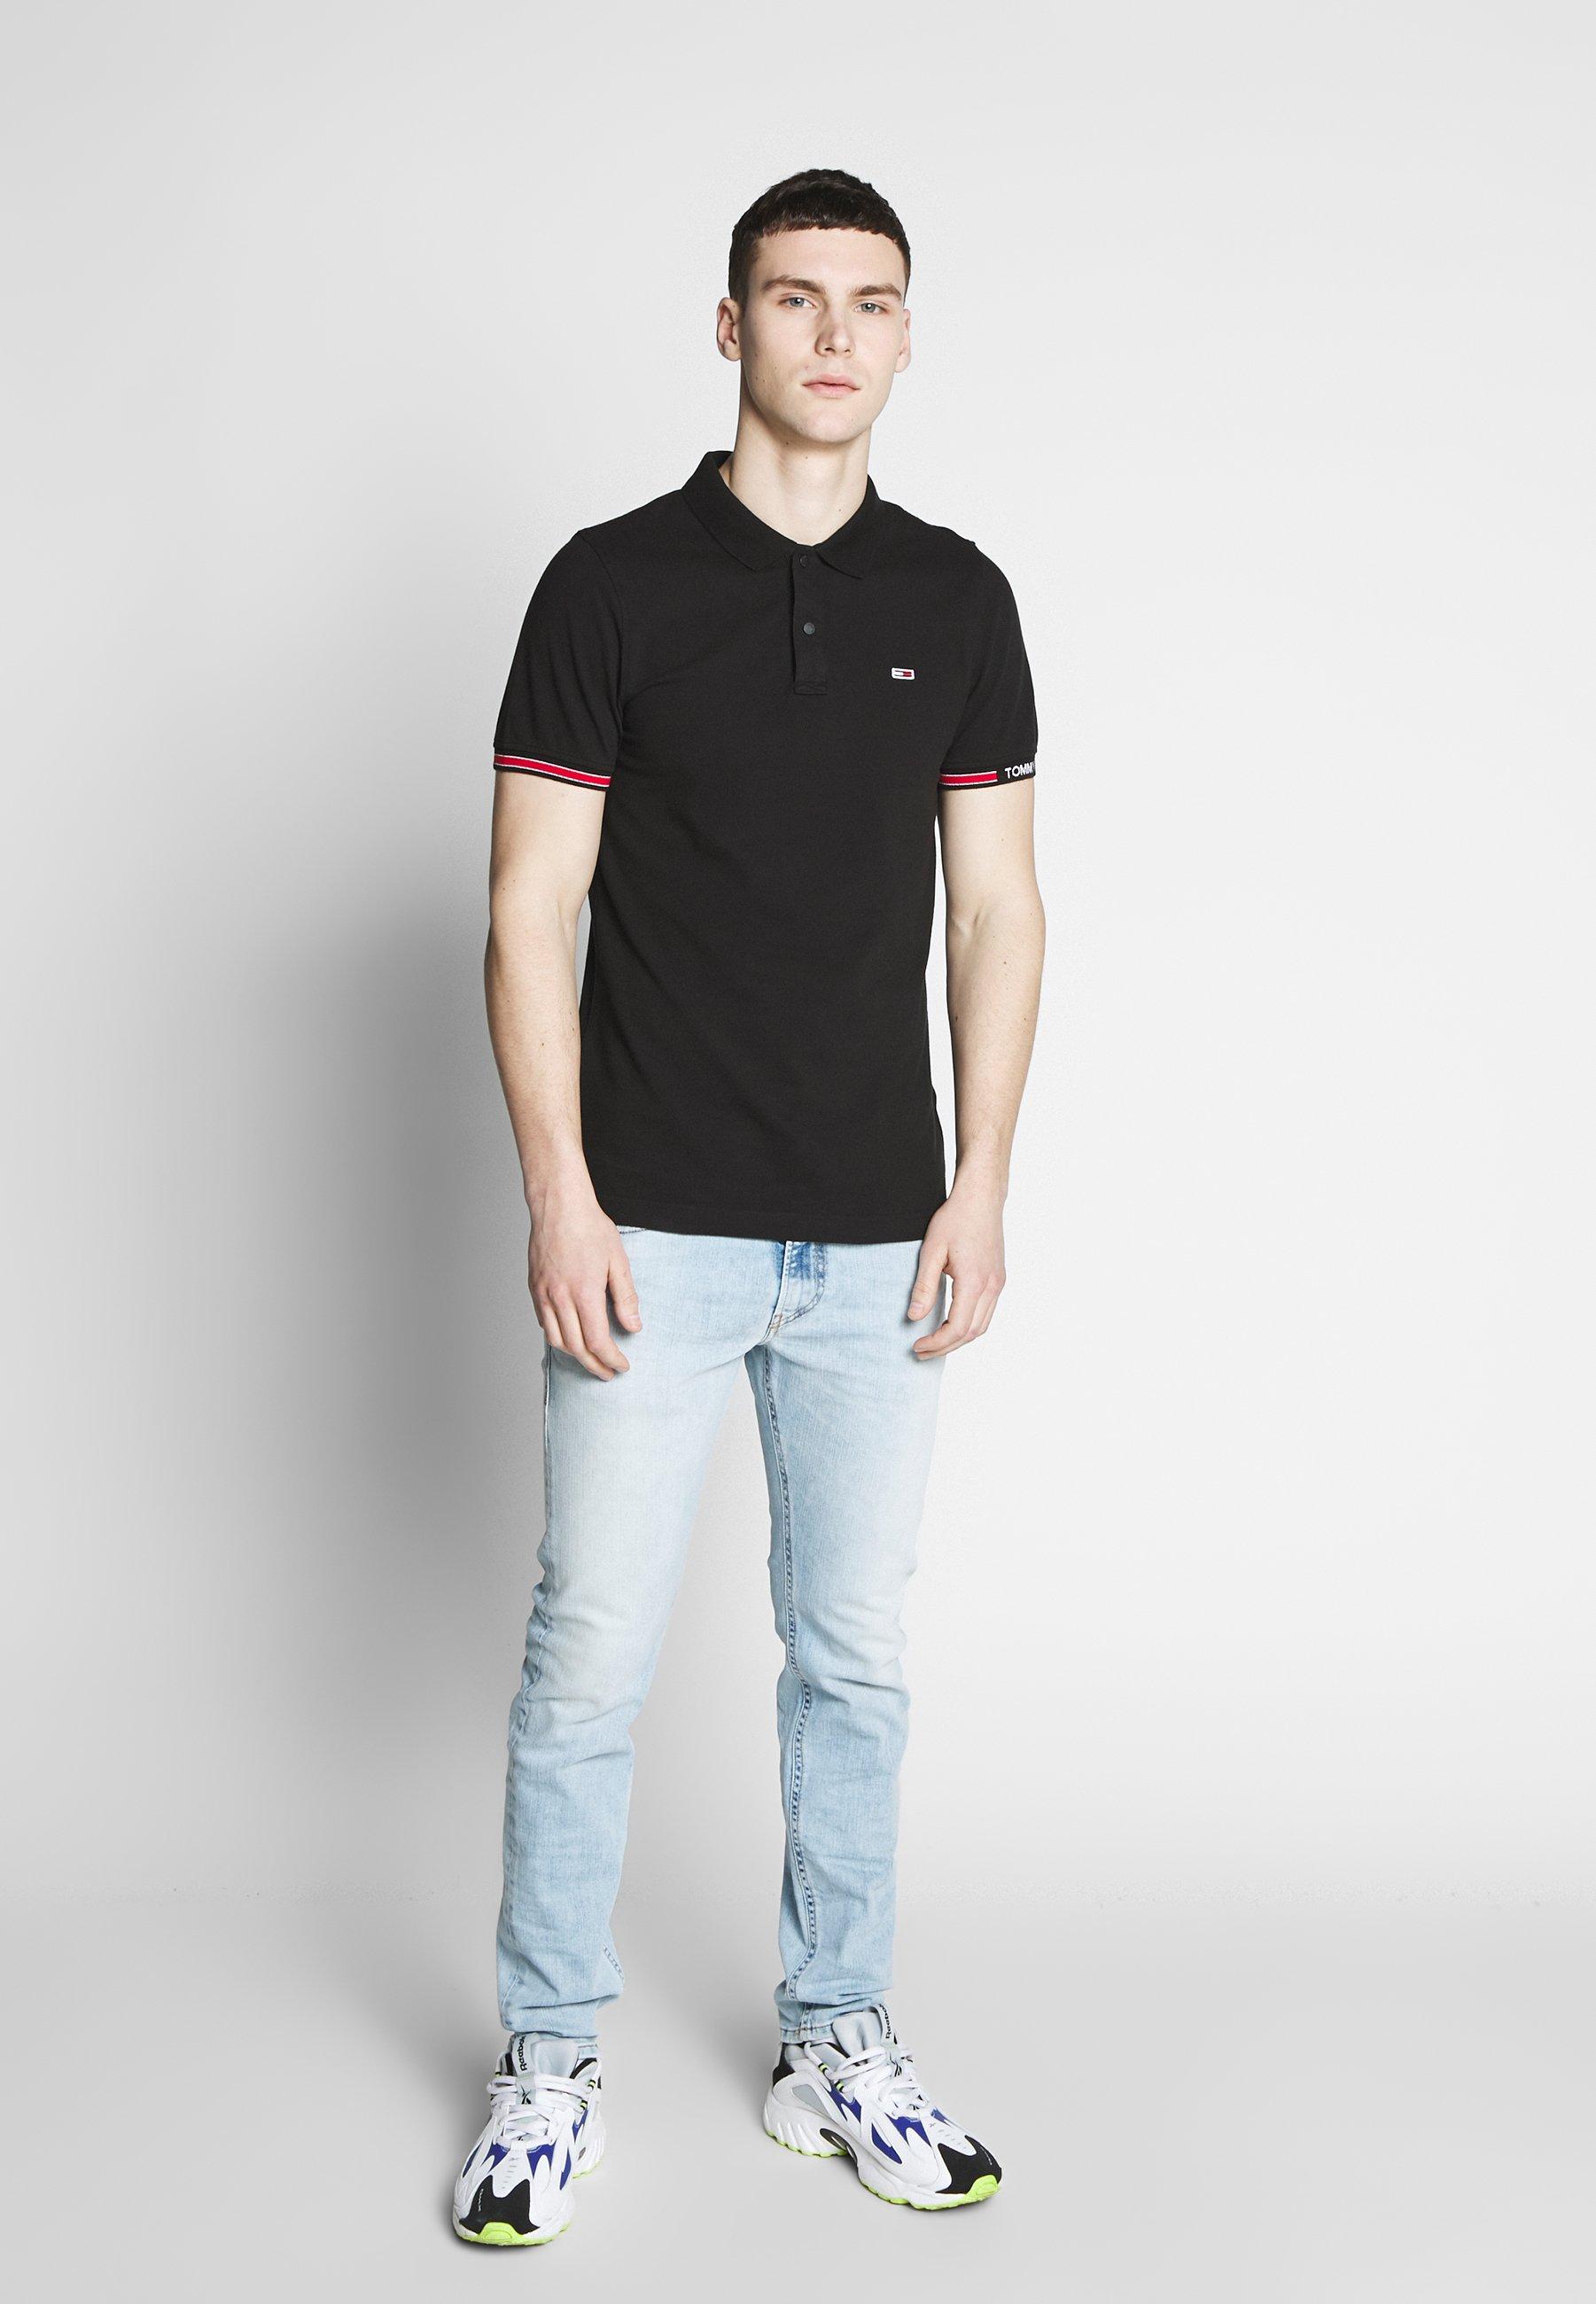 Tommy Jeans Detail Slim Fit - Piké Black